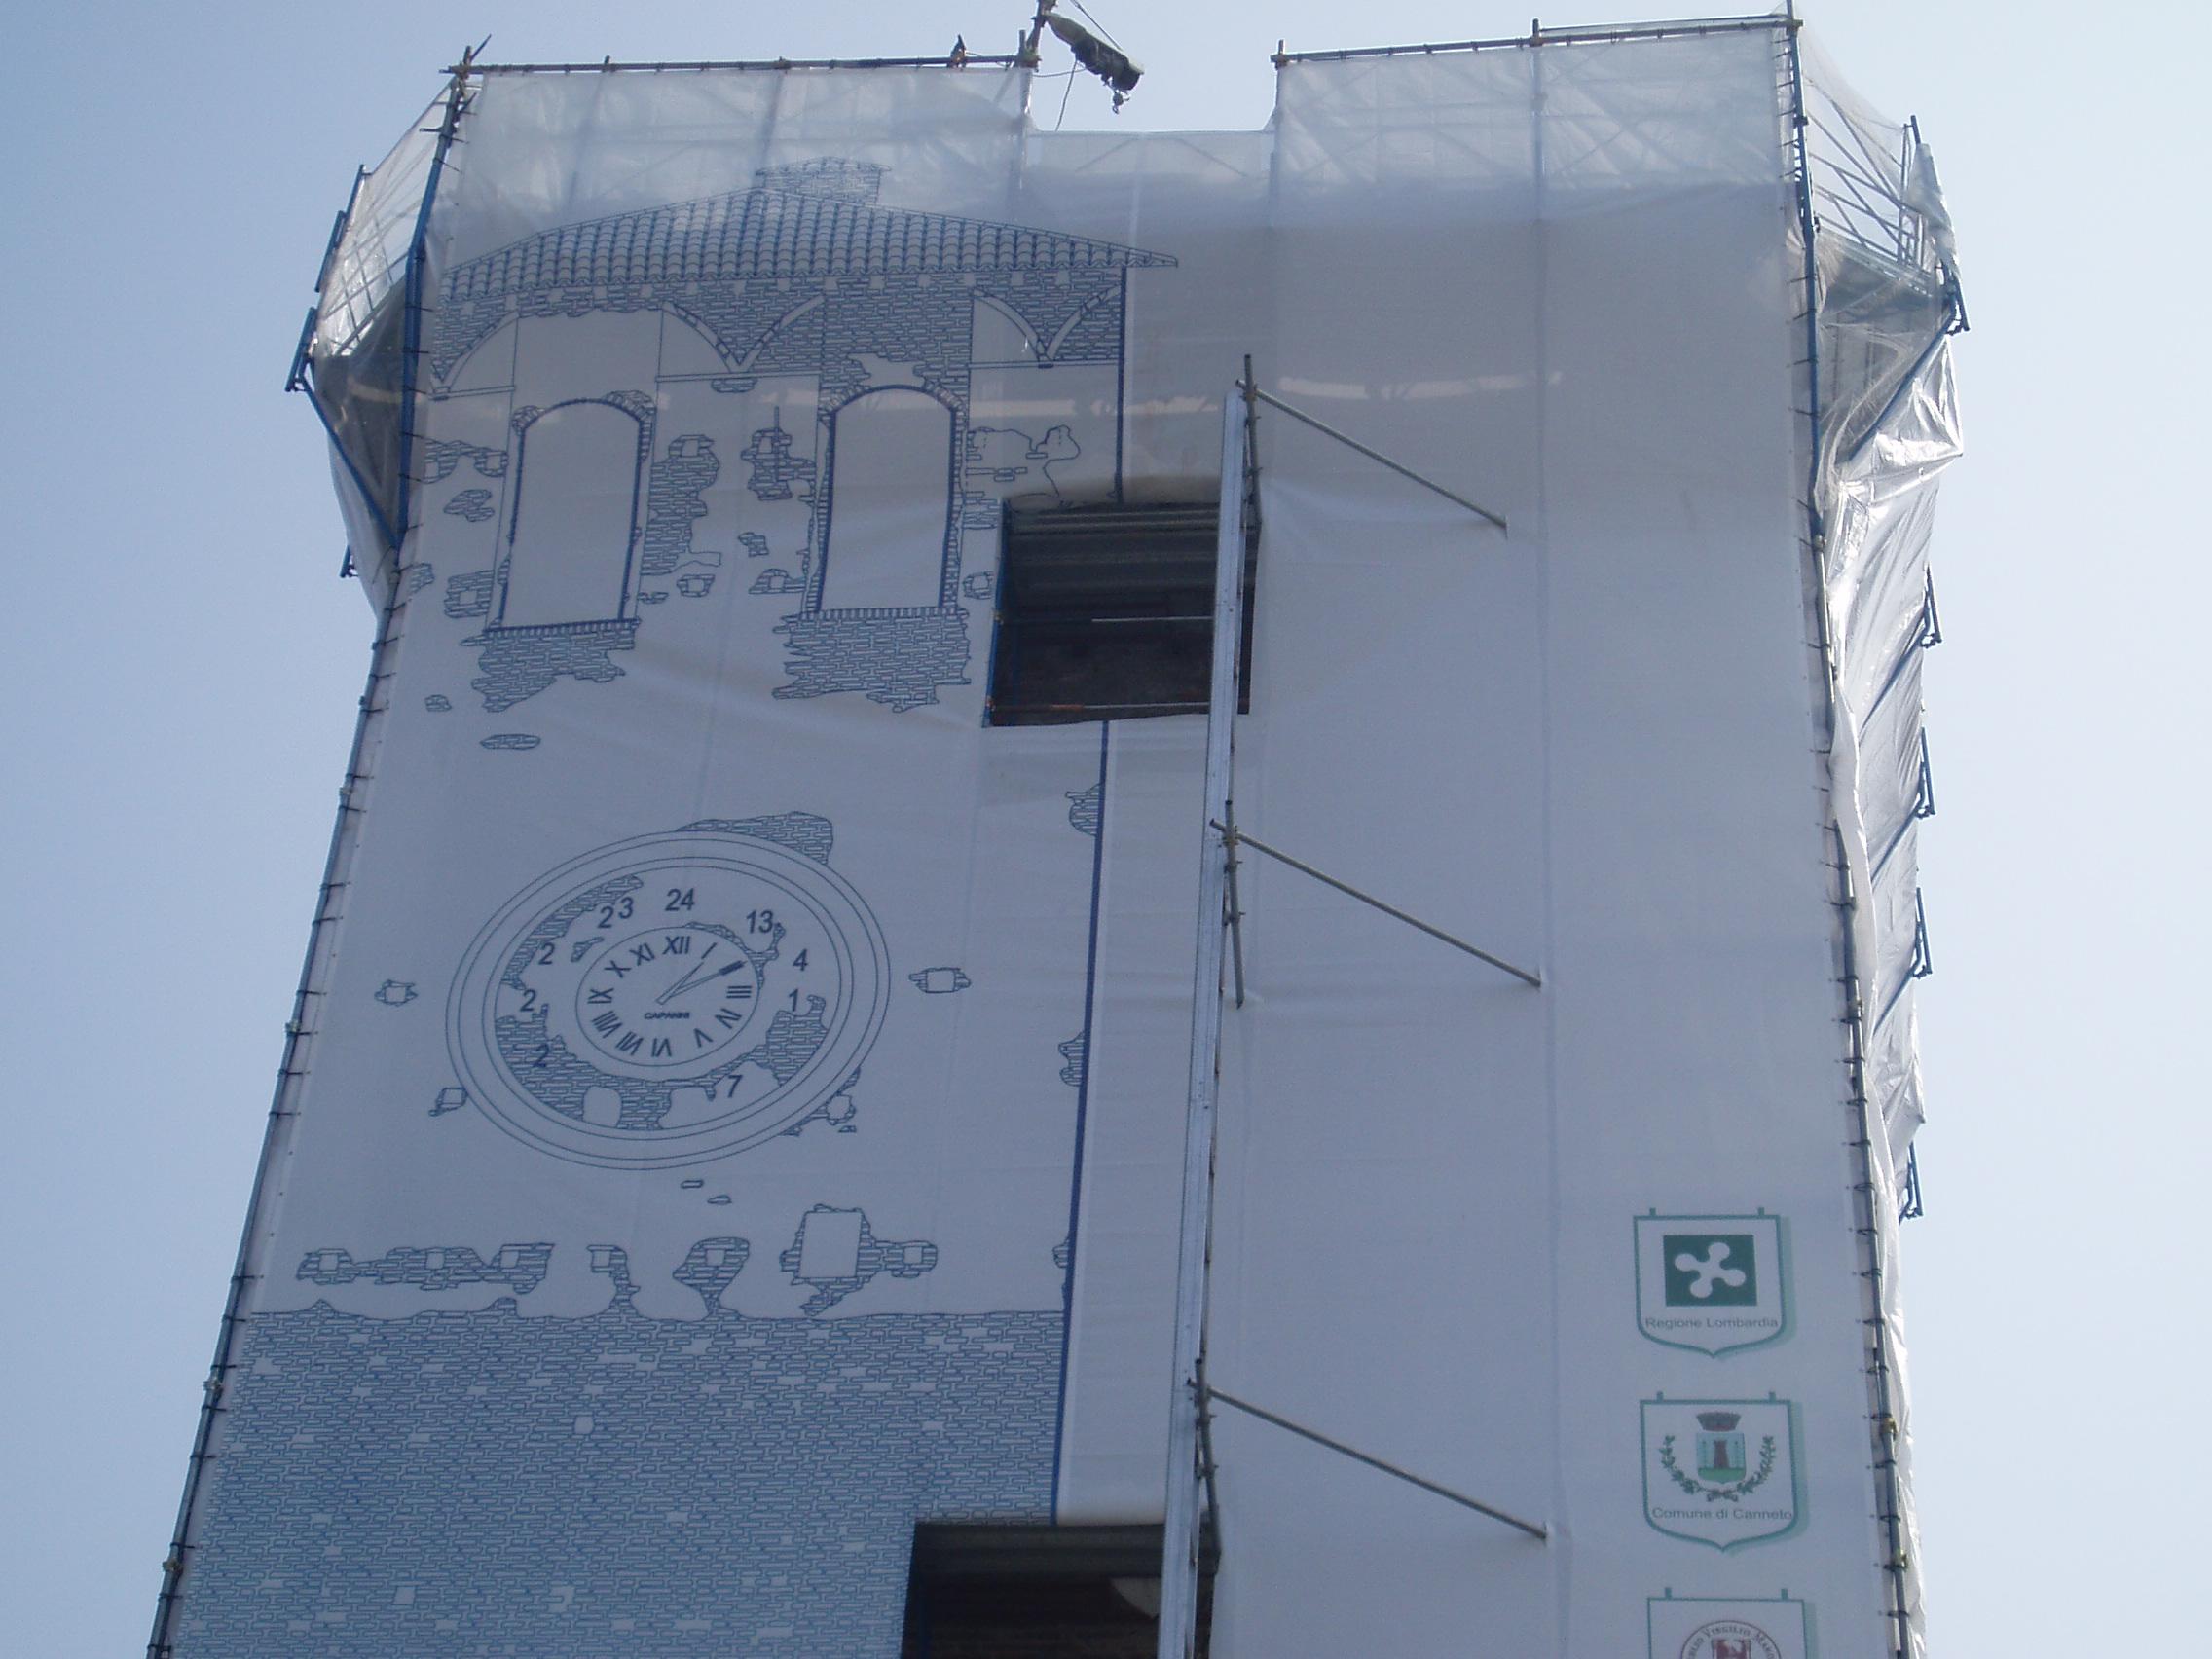 Studio-di-architettura-Baisotti-Sigala-prgetti172-Copia